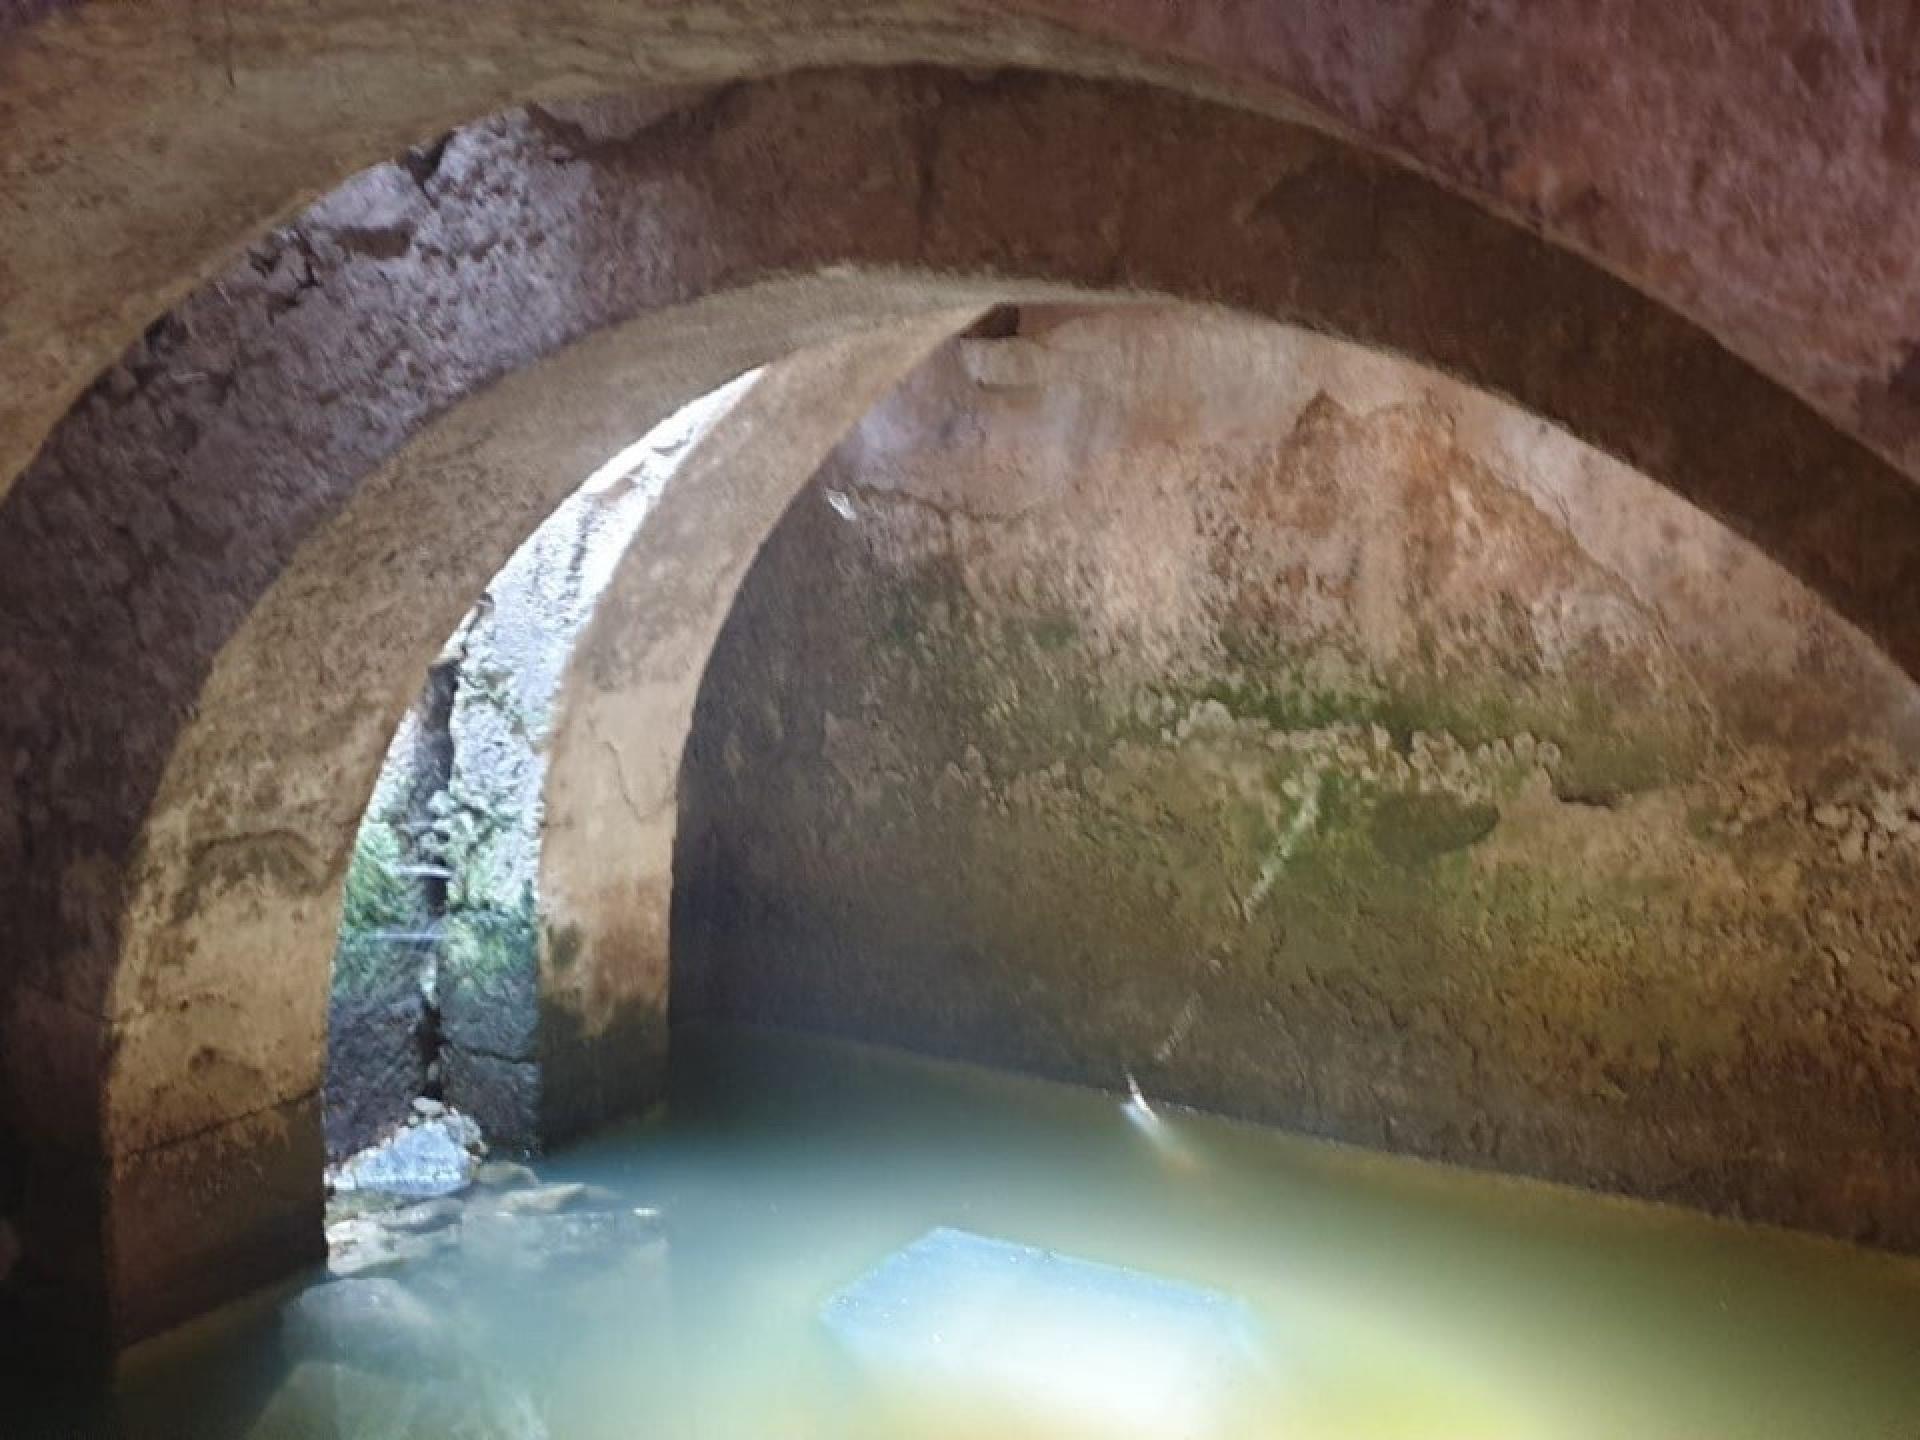 בריכת השקיה באתר דיר סמען שהפכה למקווה